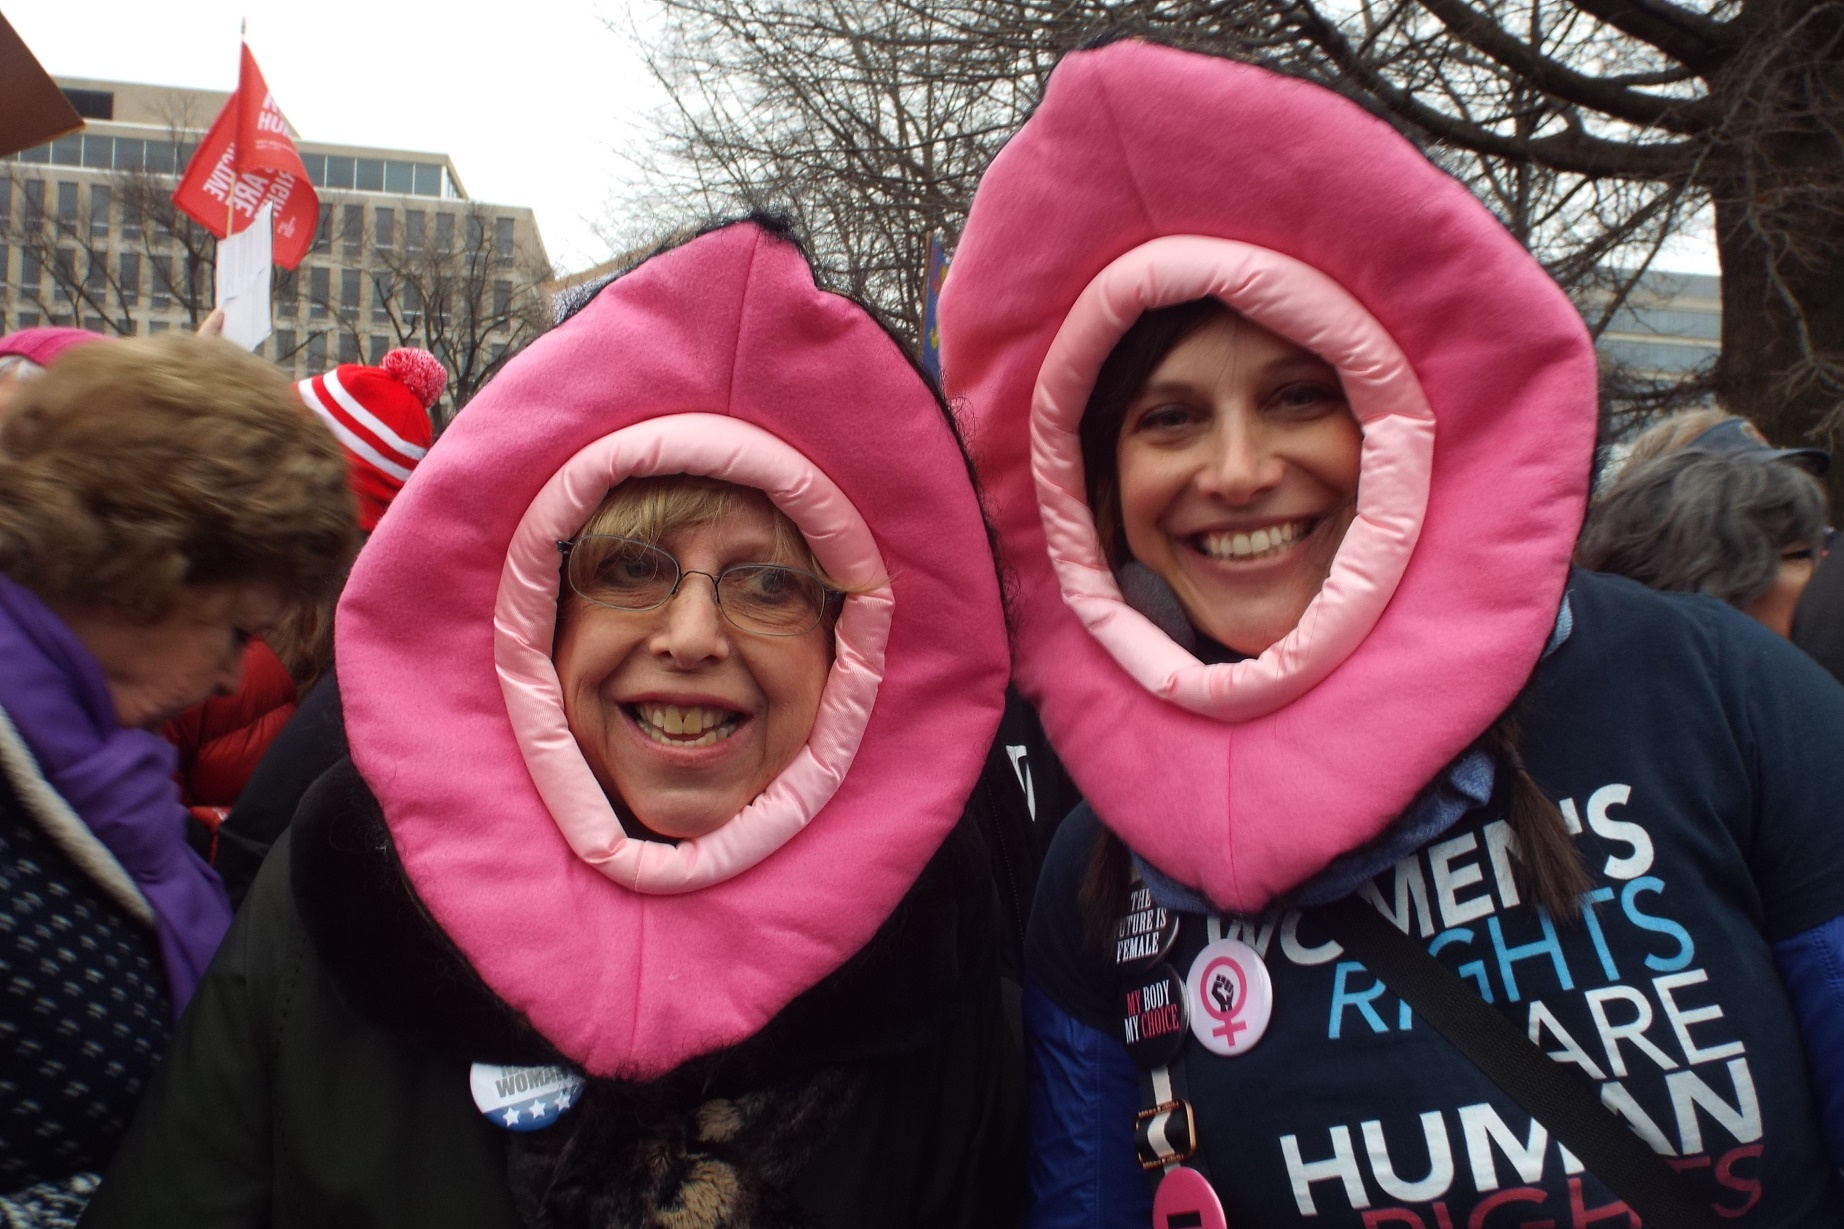 Mãe e filha vestidas de vagina na manifestação. Foto de Manuela Andreoni